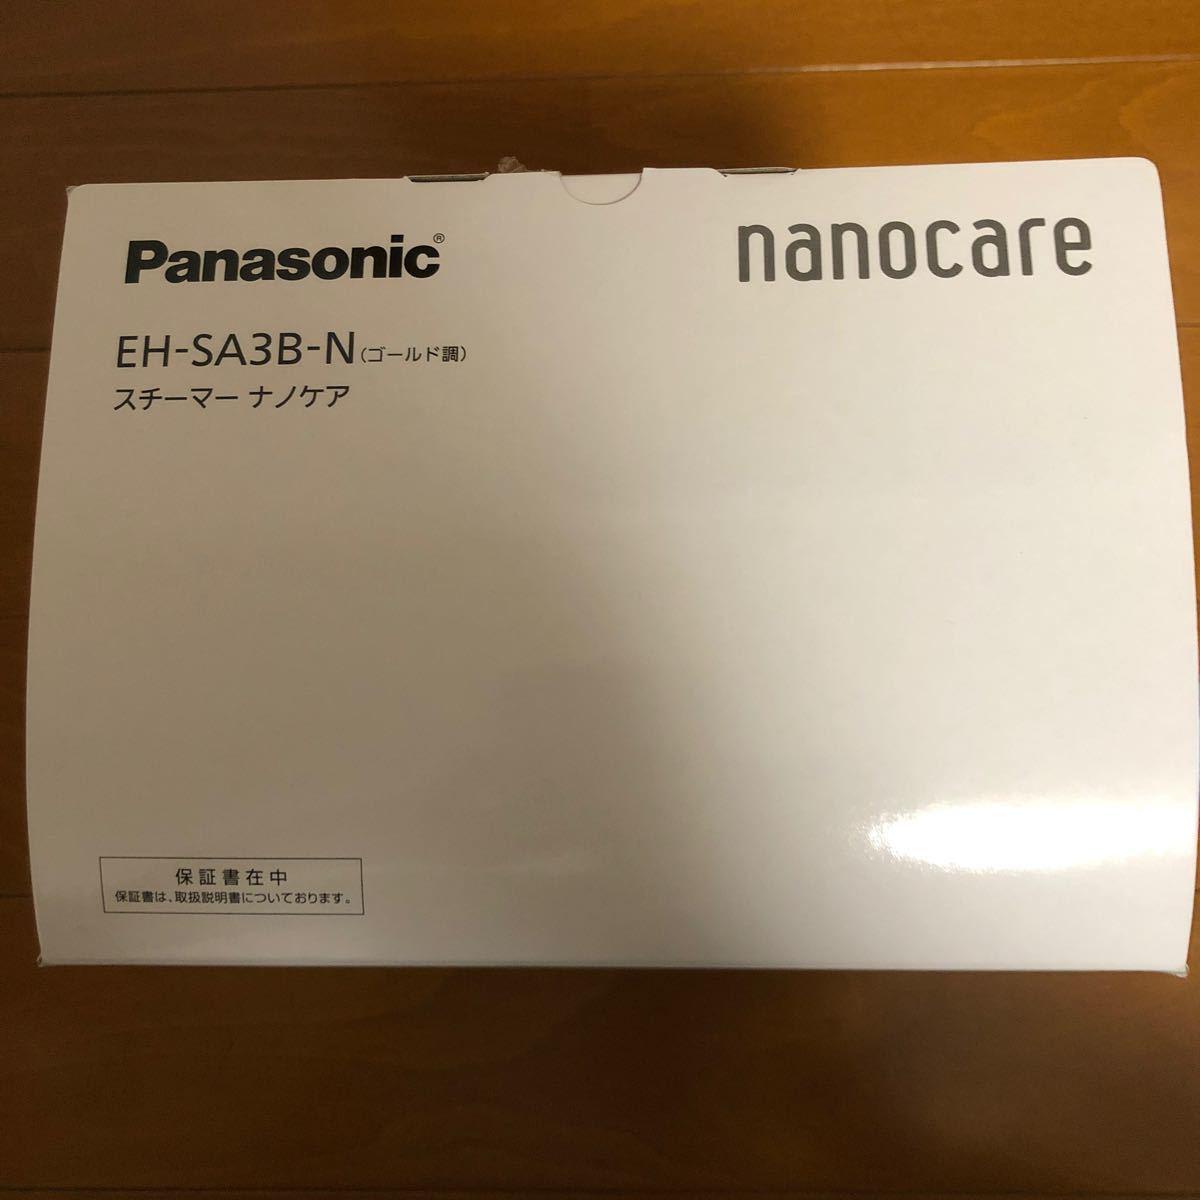 Panasonic  スチーマー ナノケア     EH-SA3B-N